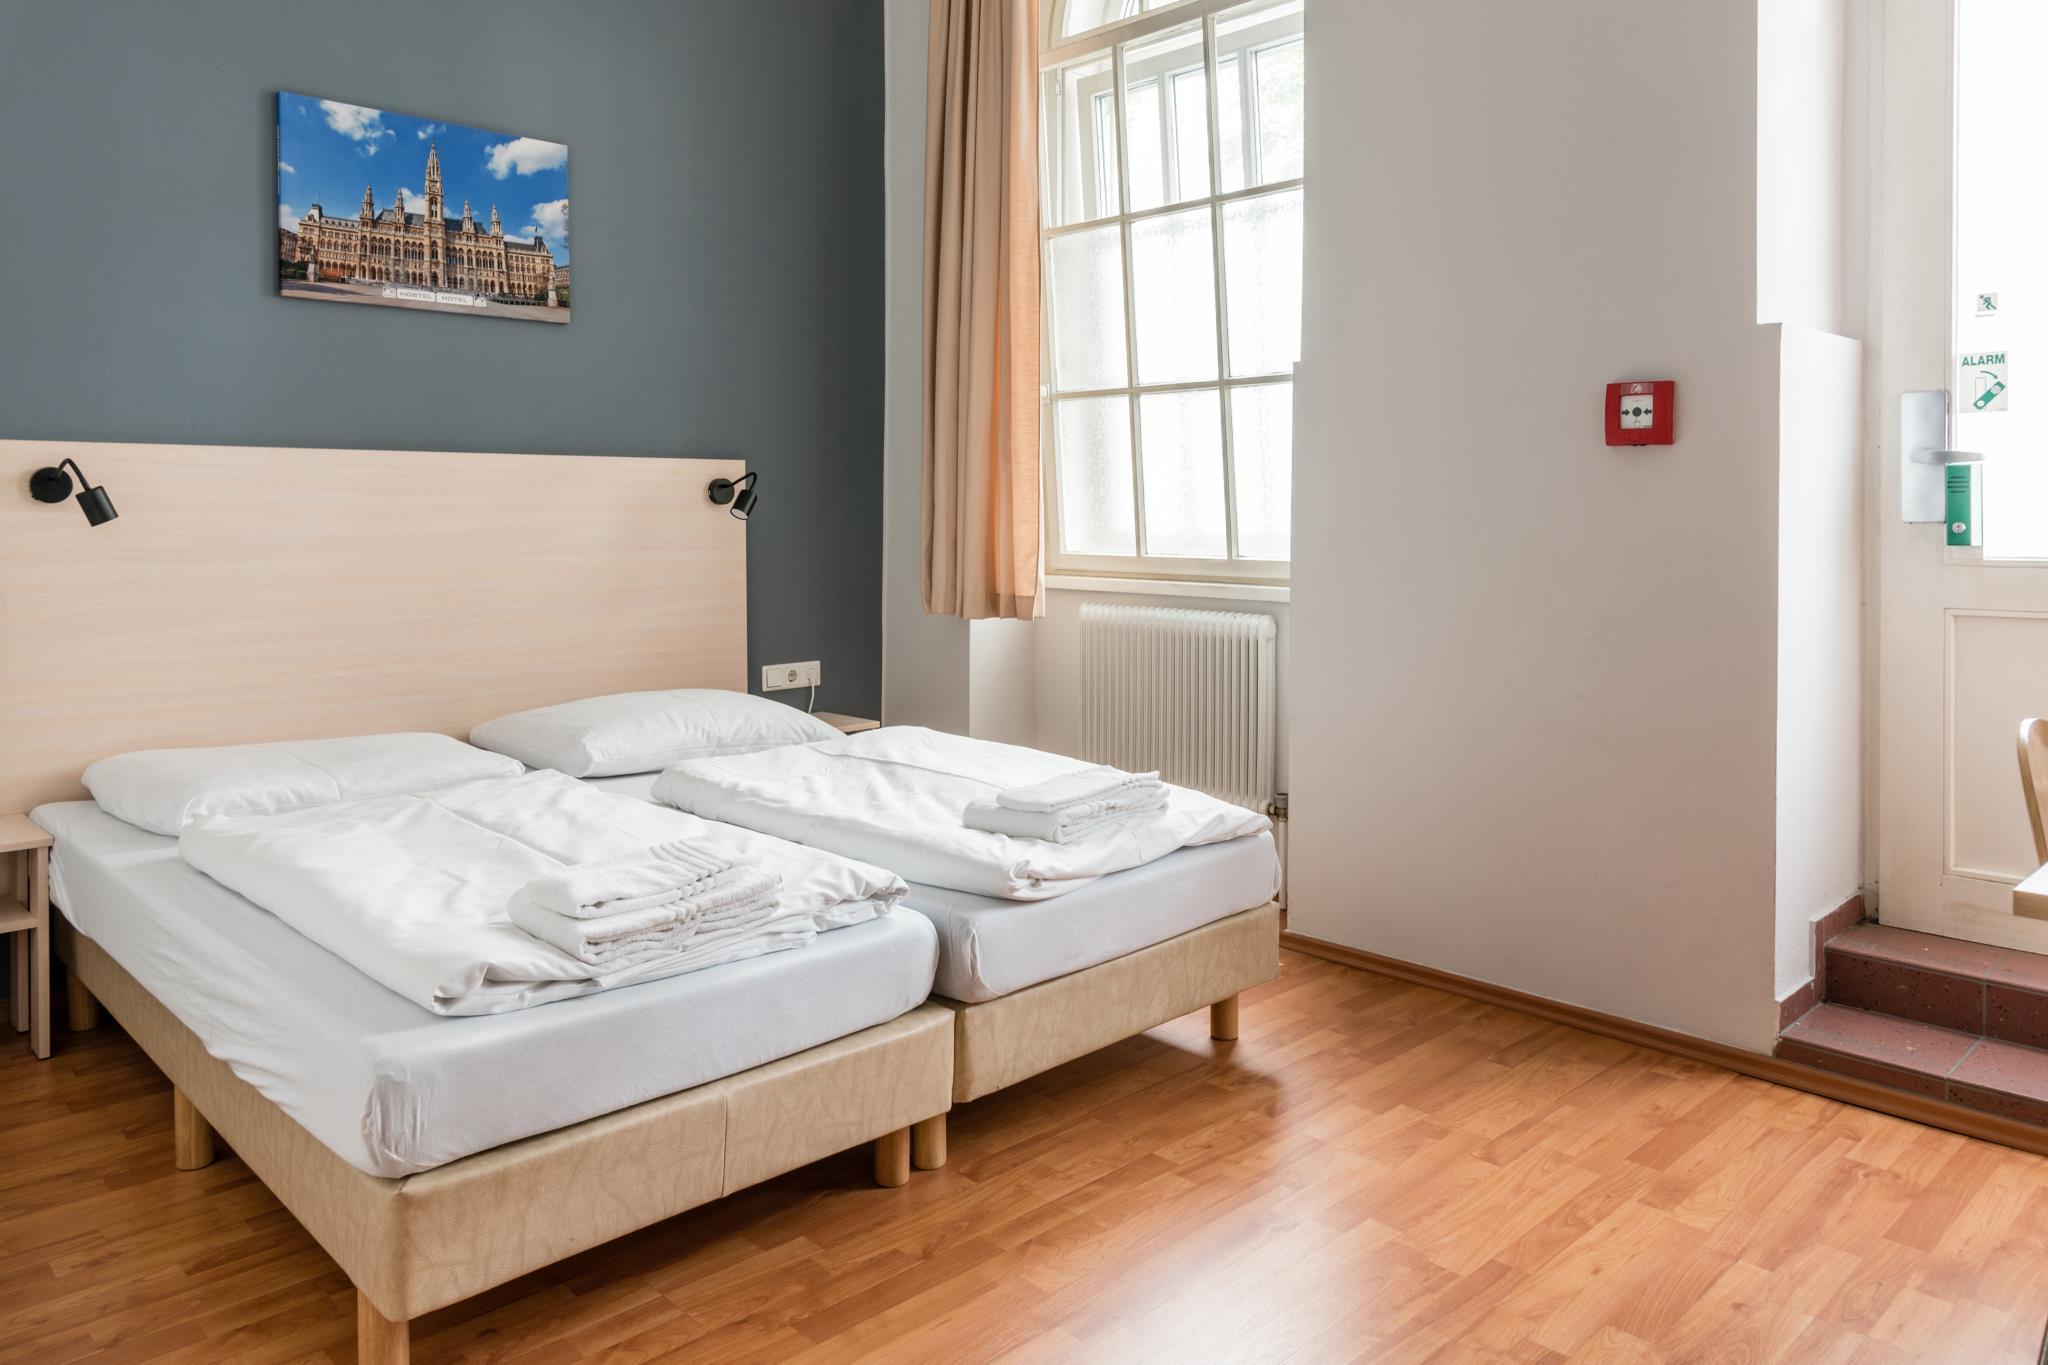 Etagenbett In Wien : Wahl etagenbett stockbett k n inkl schubladen und